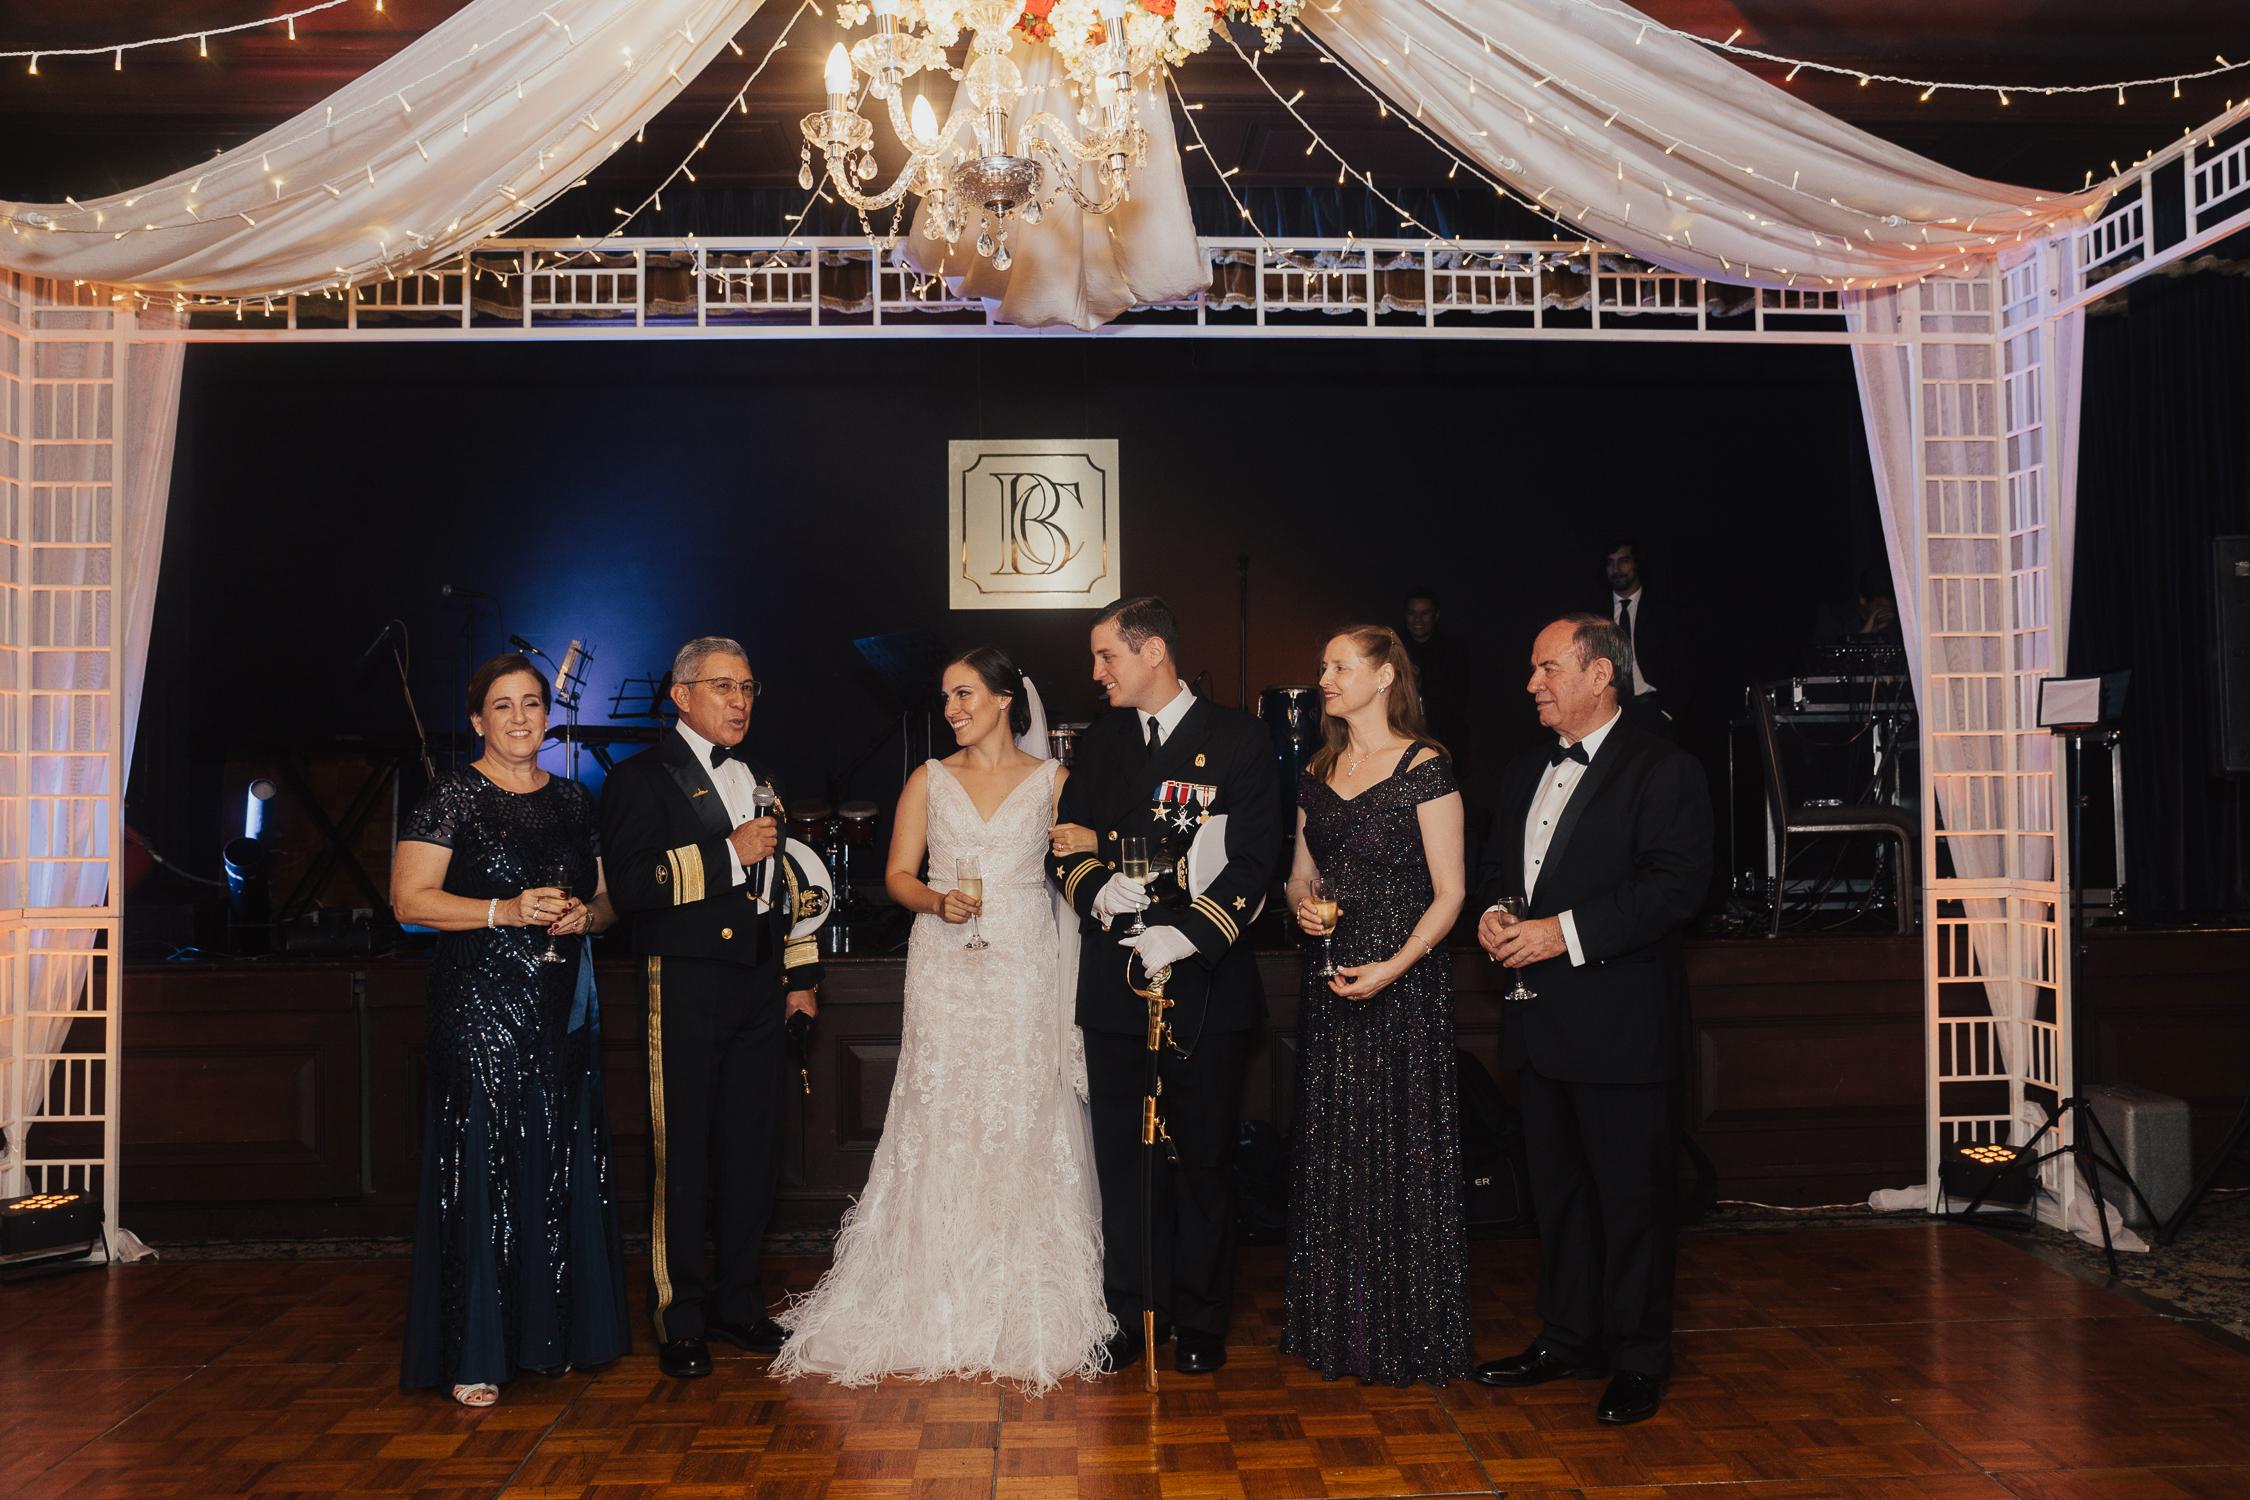 Michelle-Agurto-Fotografia-Bodas-Ecuador-Destination-Wedding-Photographer-Ecuador-Mercedes-Alvaro-156.JPG